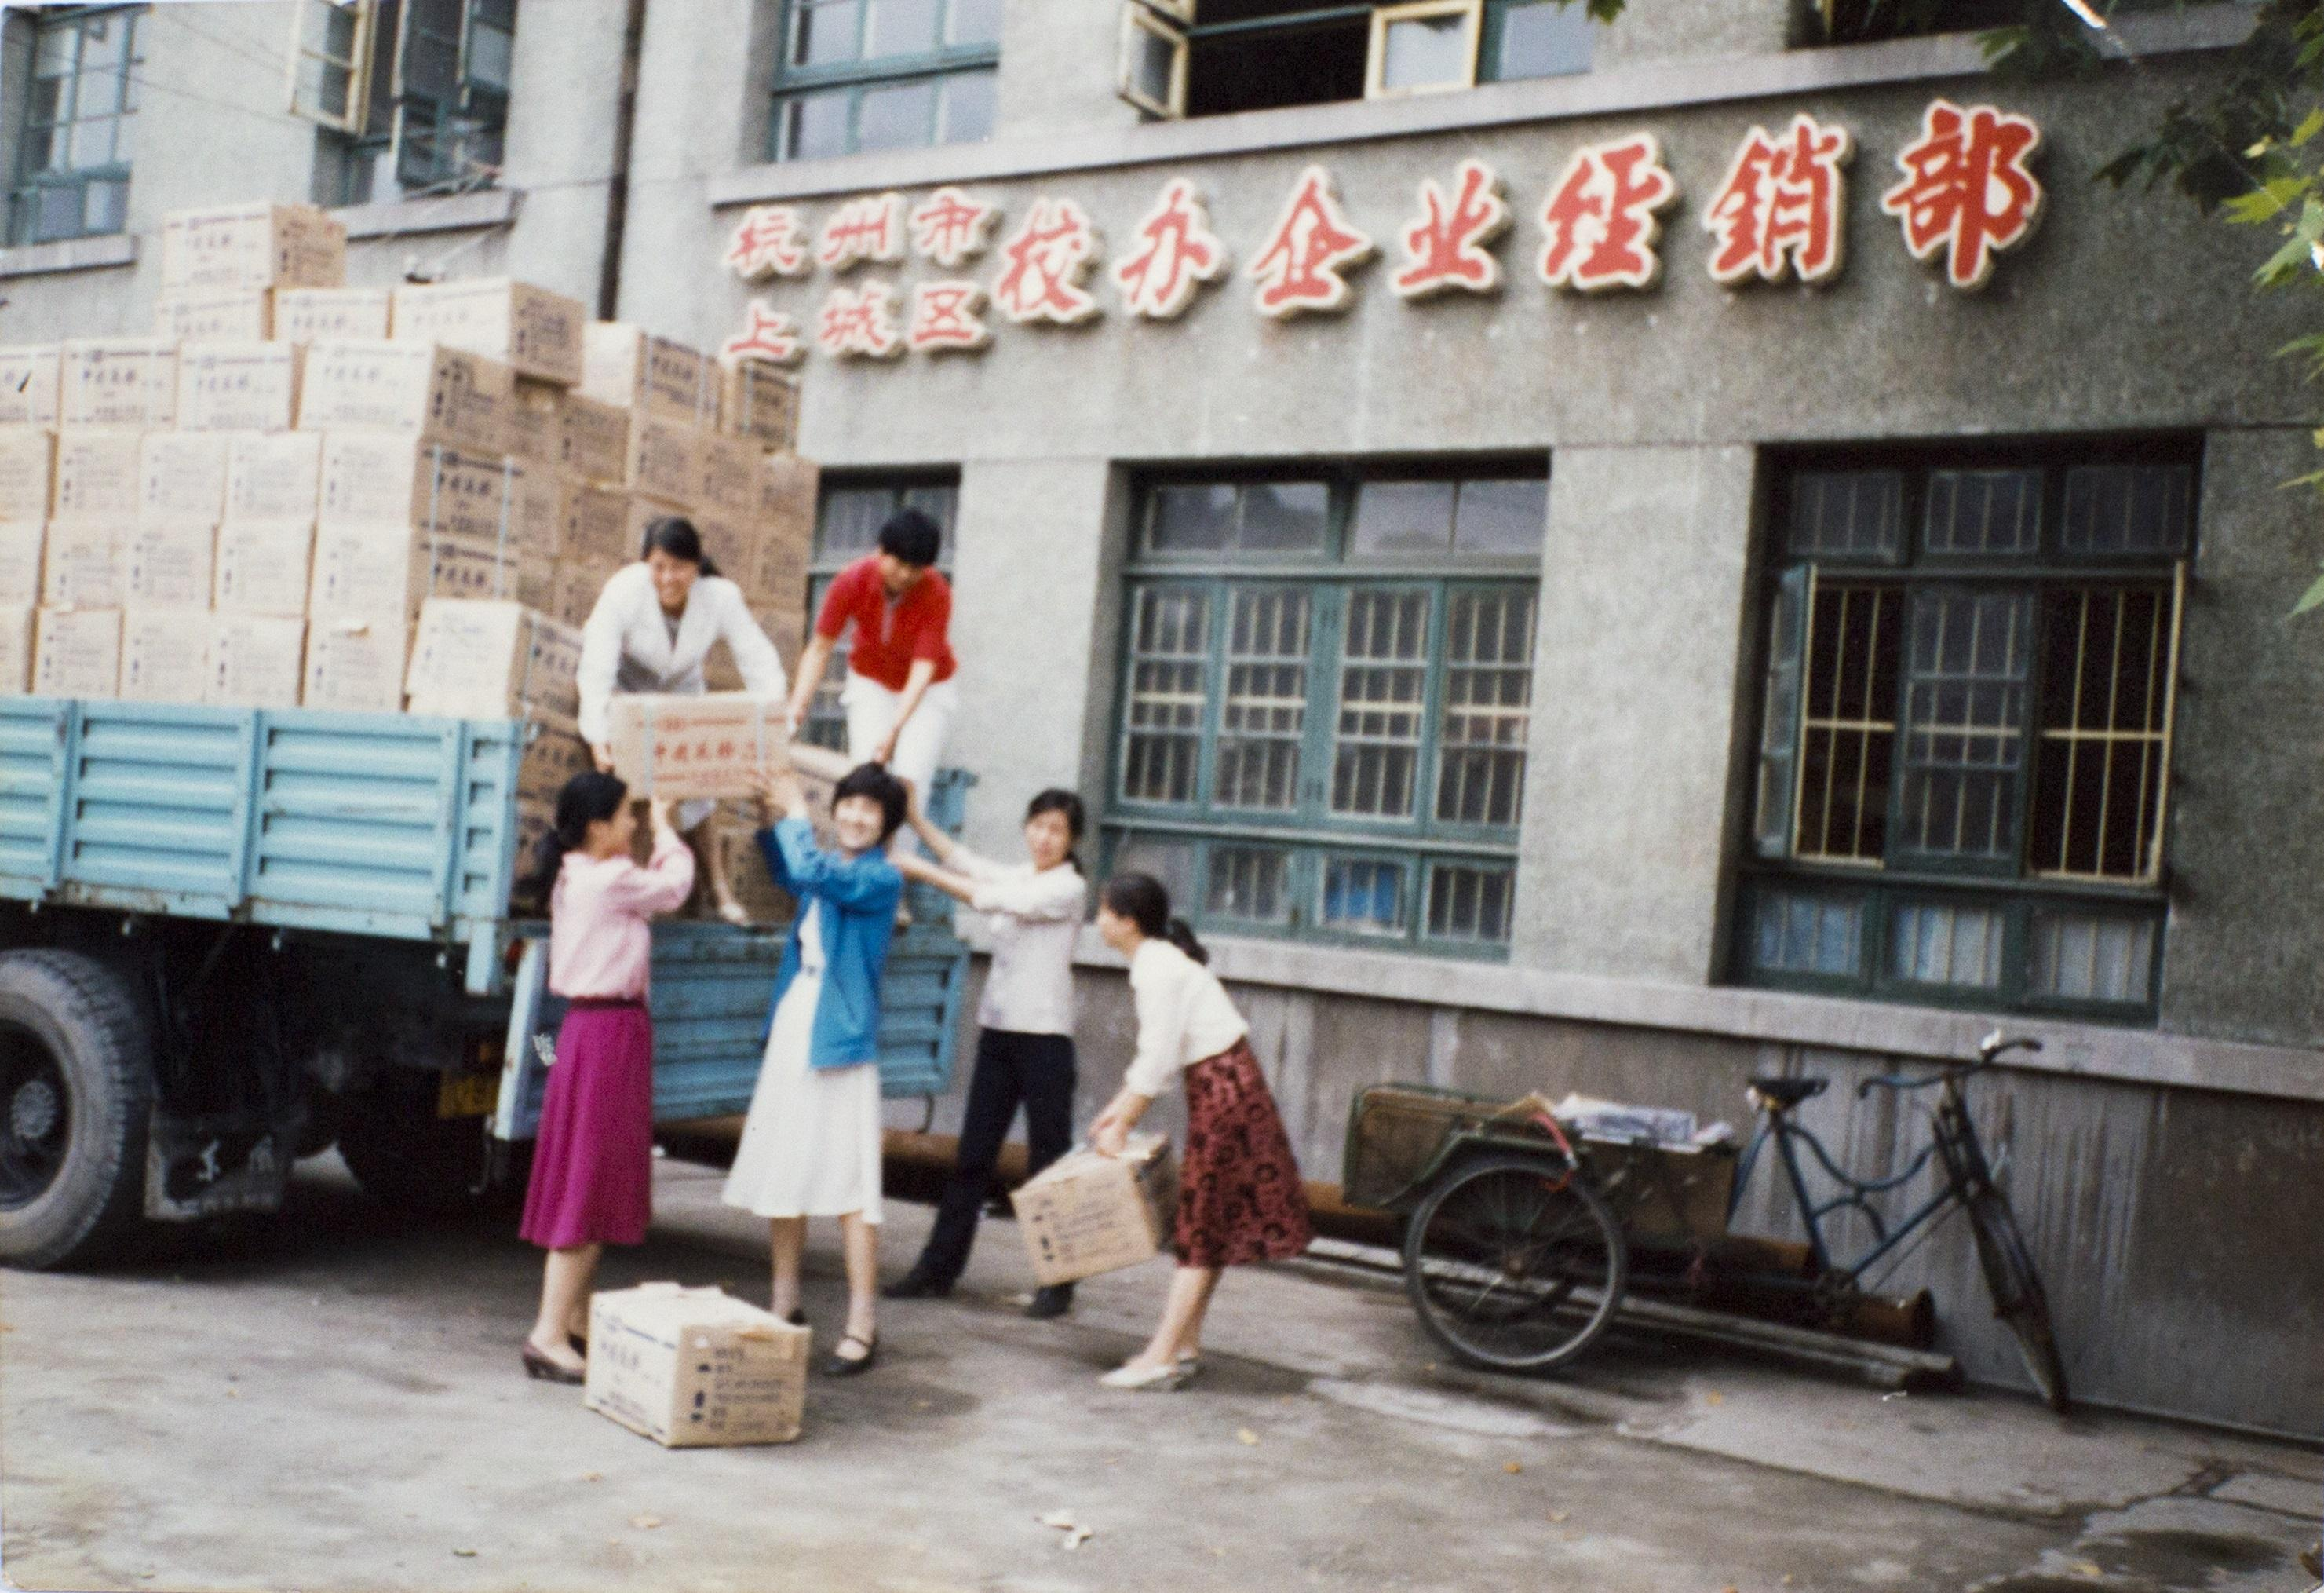 13、娃哈哈创始人宗庆后承包上城区校办企业销售部开始创业